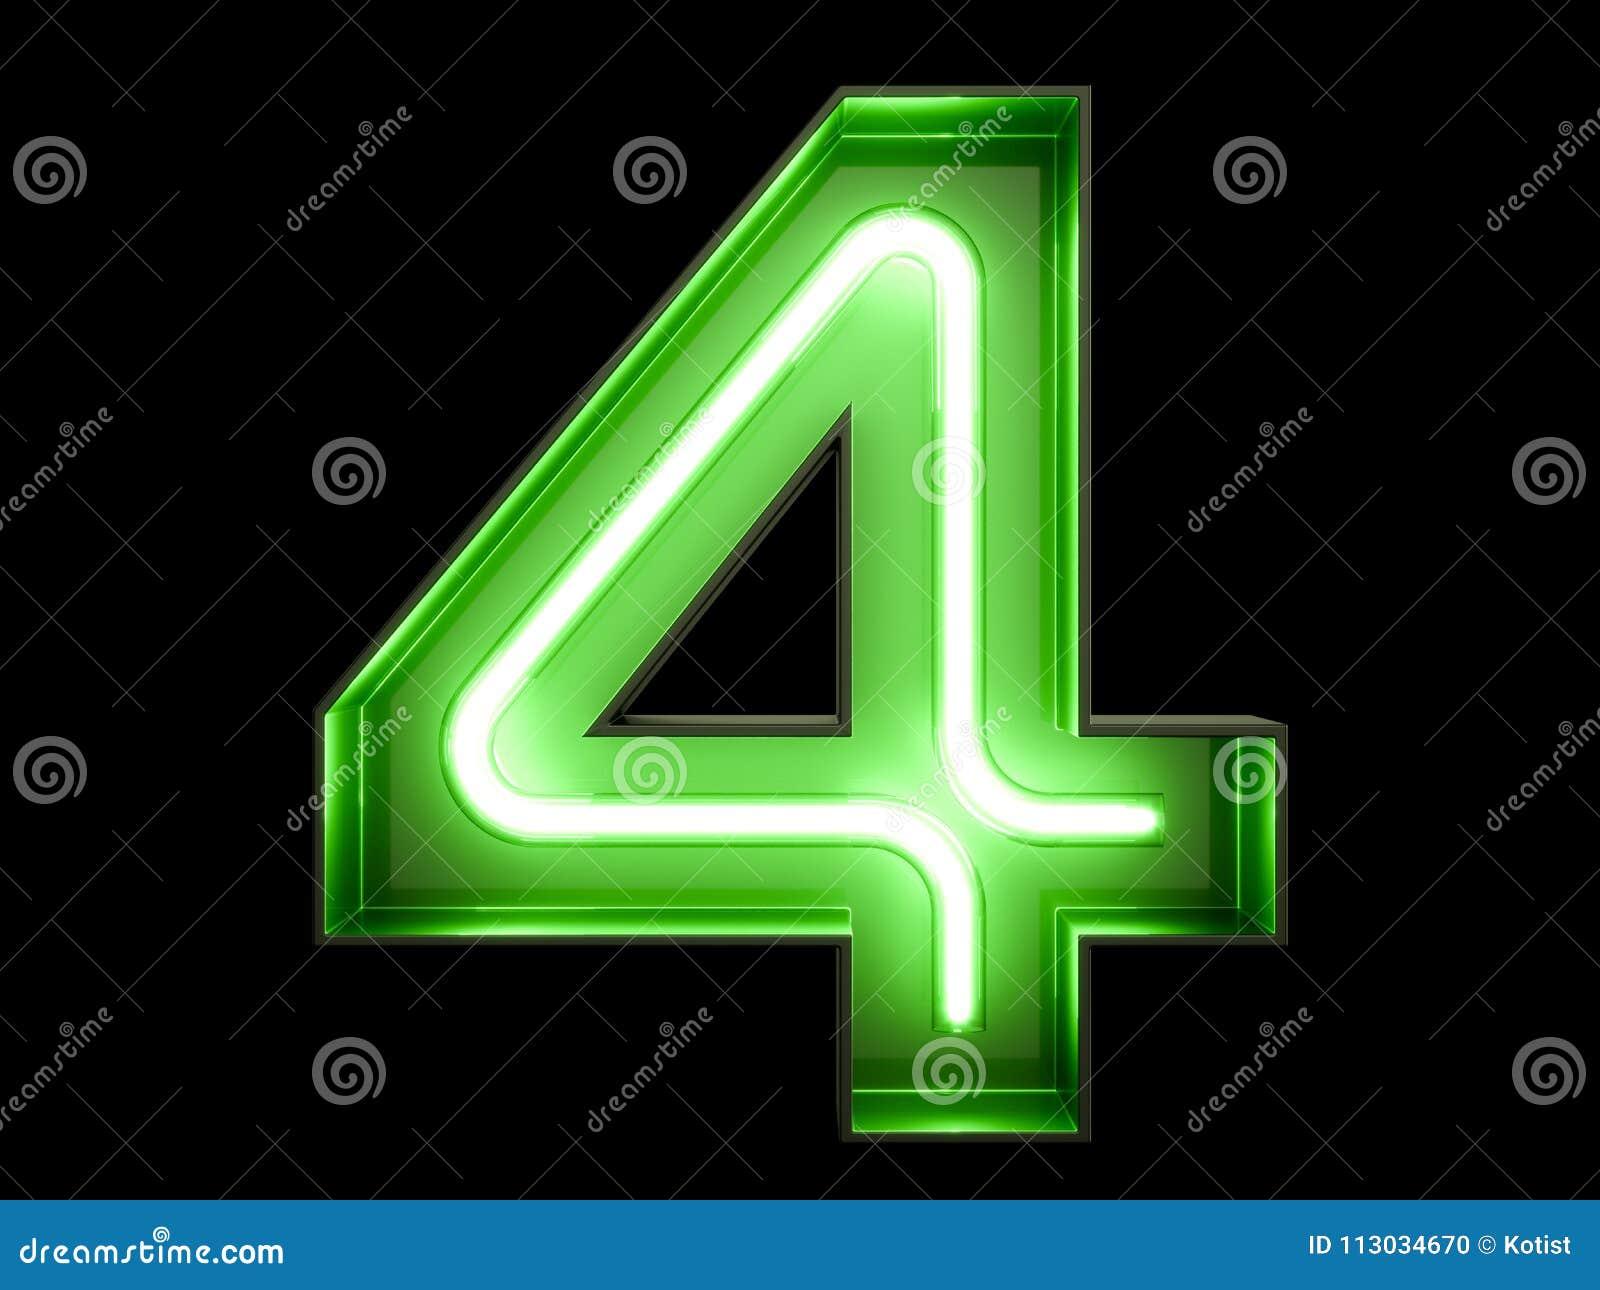 Fuente de neón cuatro del carácter 4 del alfabeto del dígito de la luz verde